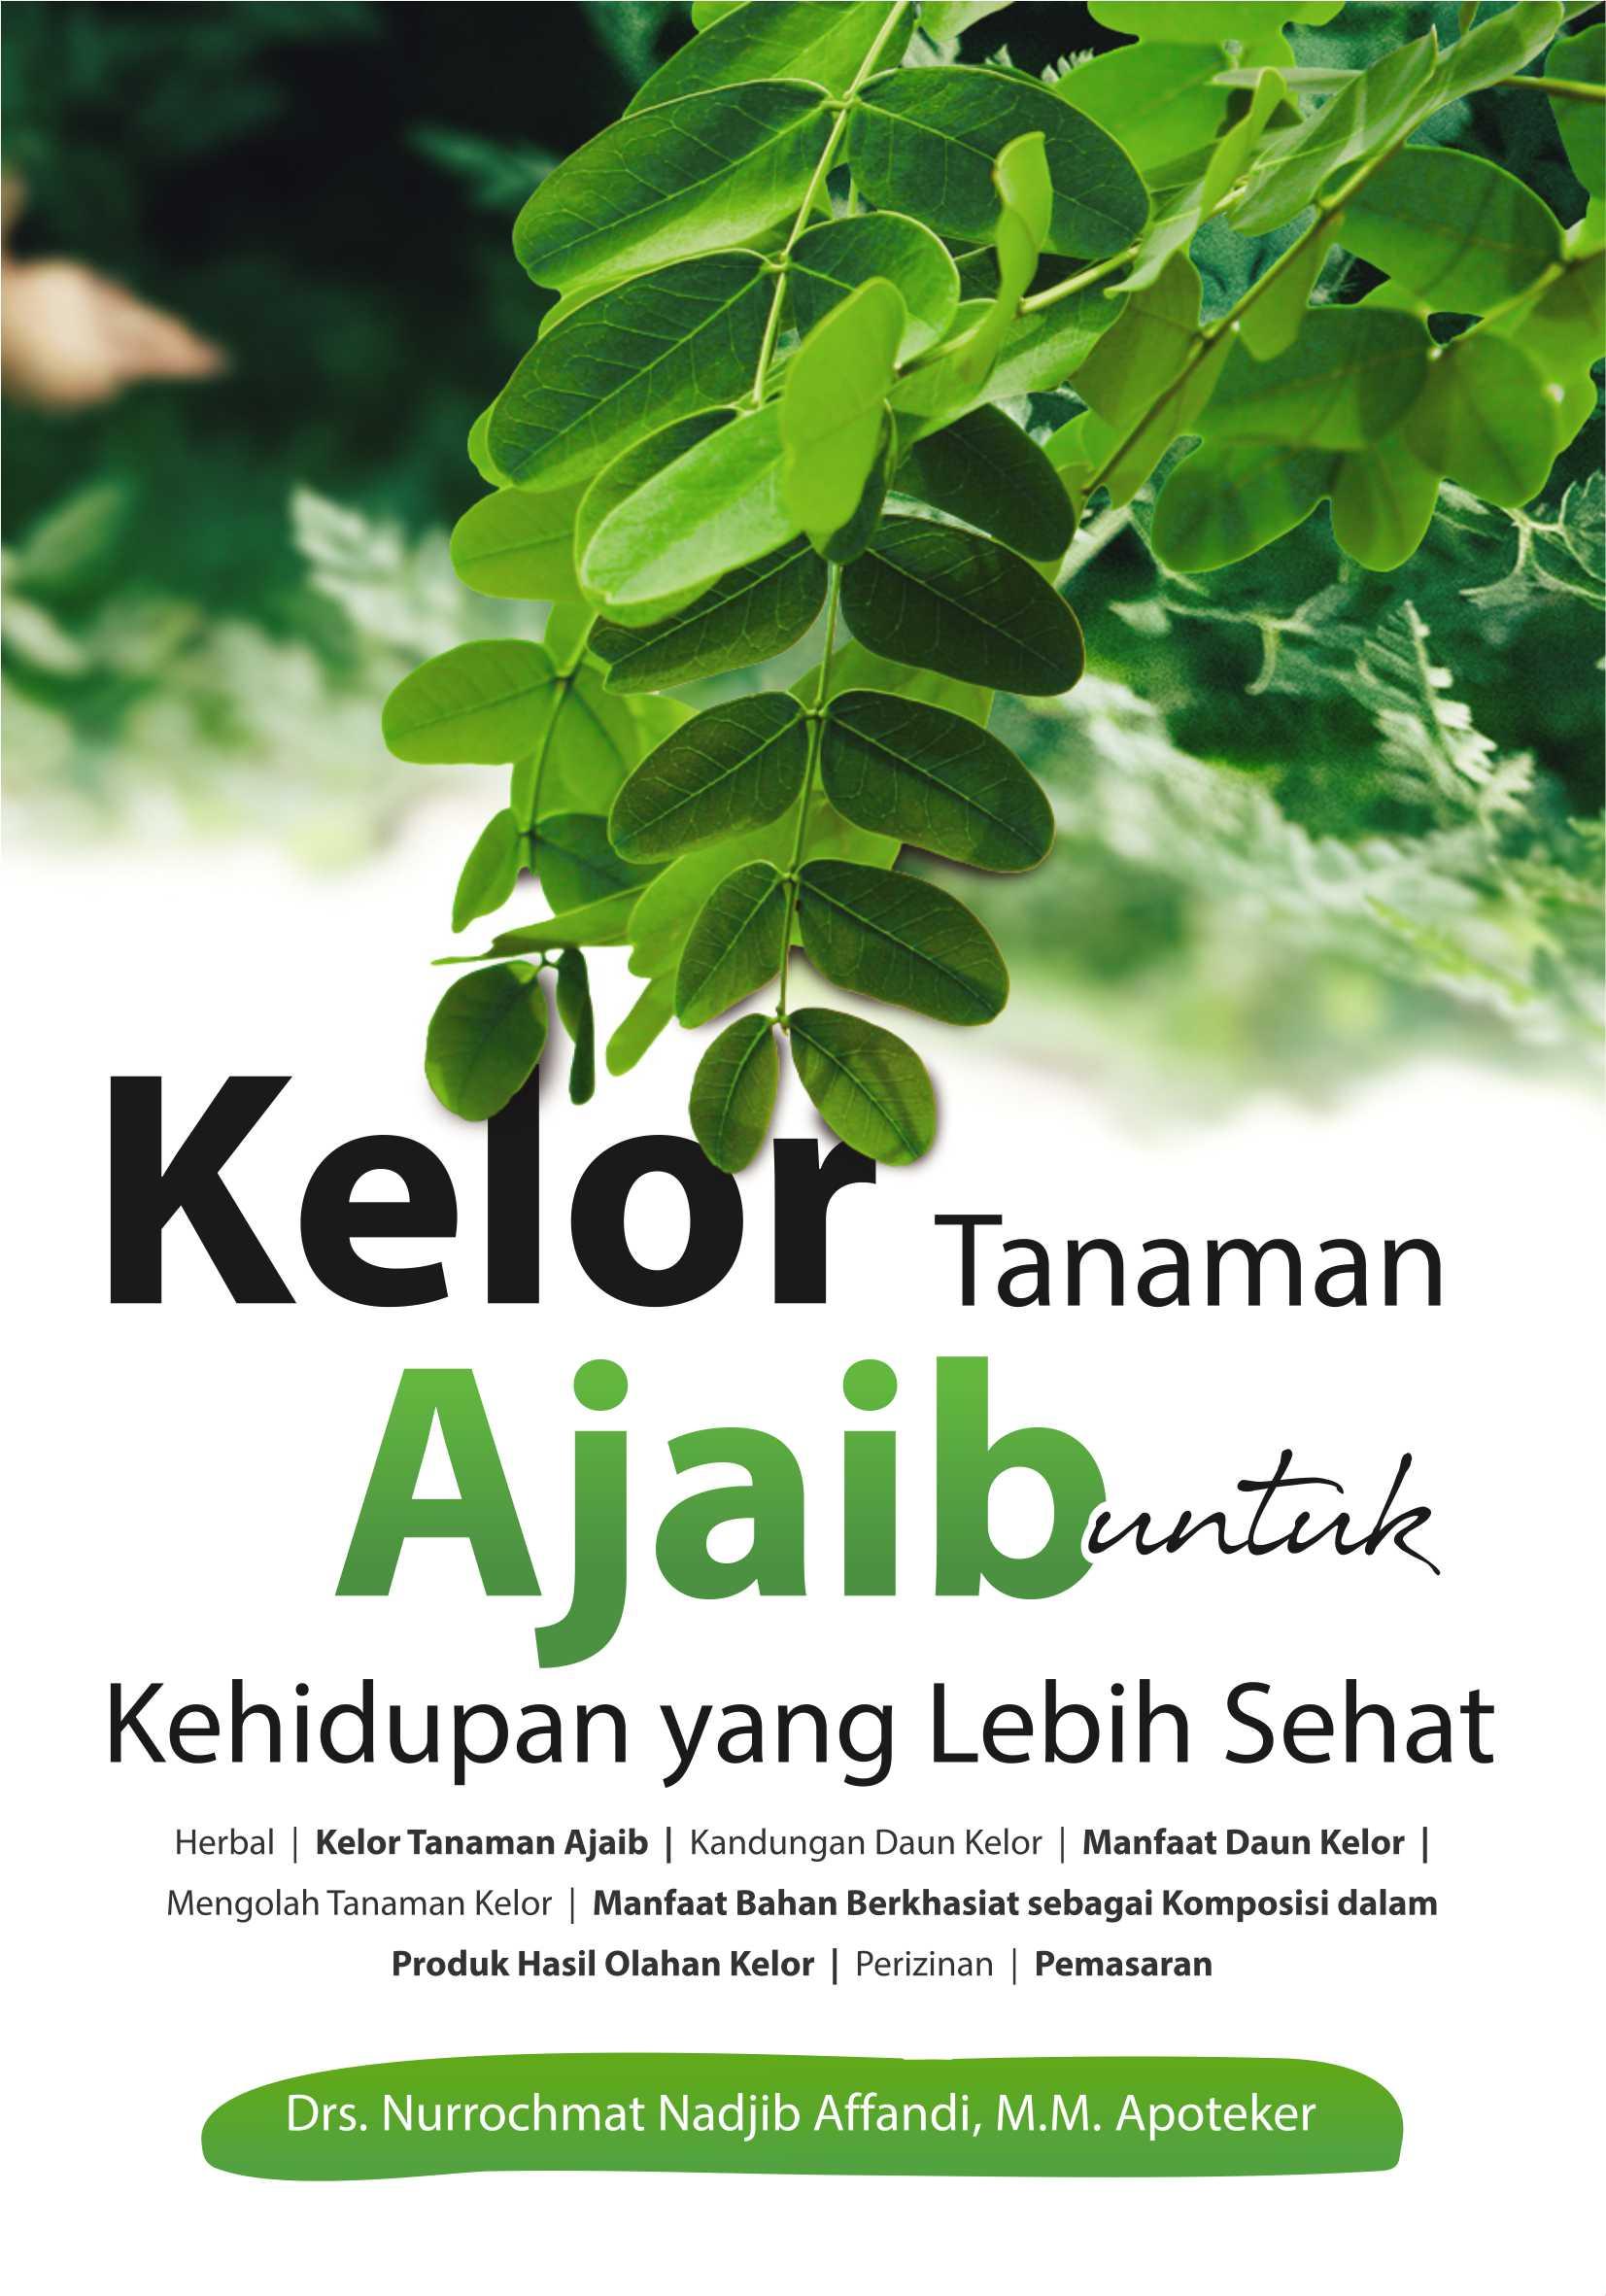 Kelor tanaman ajaib untuk kehidupan yang lebih sehat [sumber elektronis]